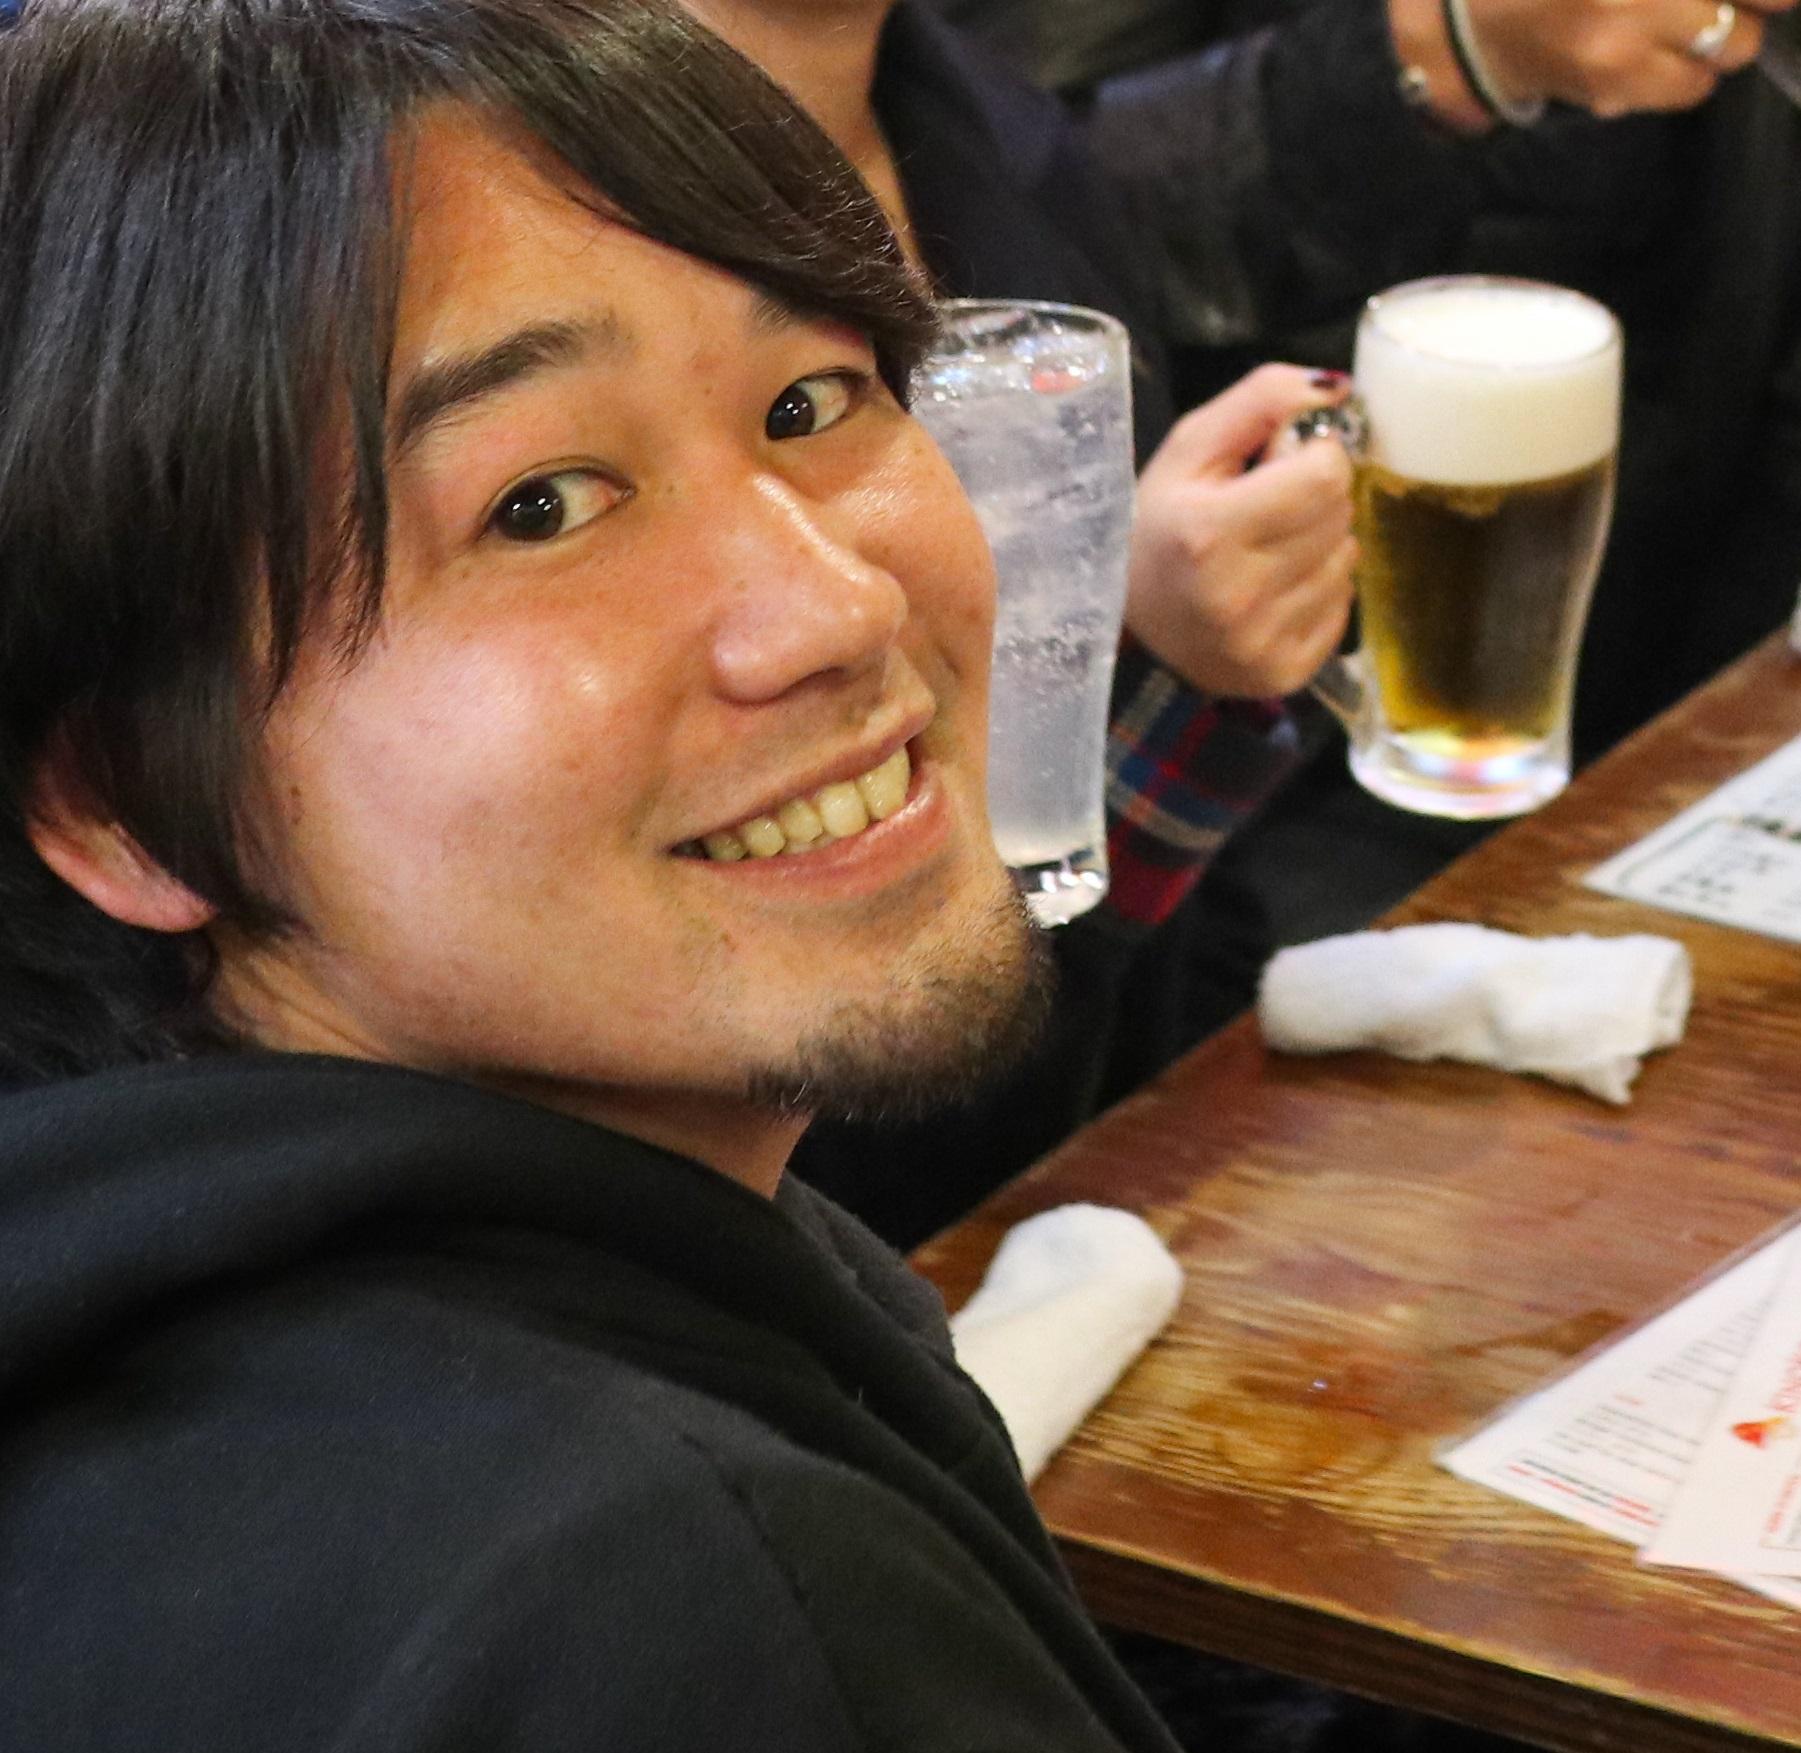 Shoto Hachiya